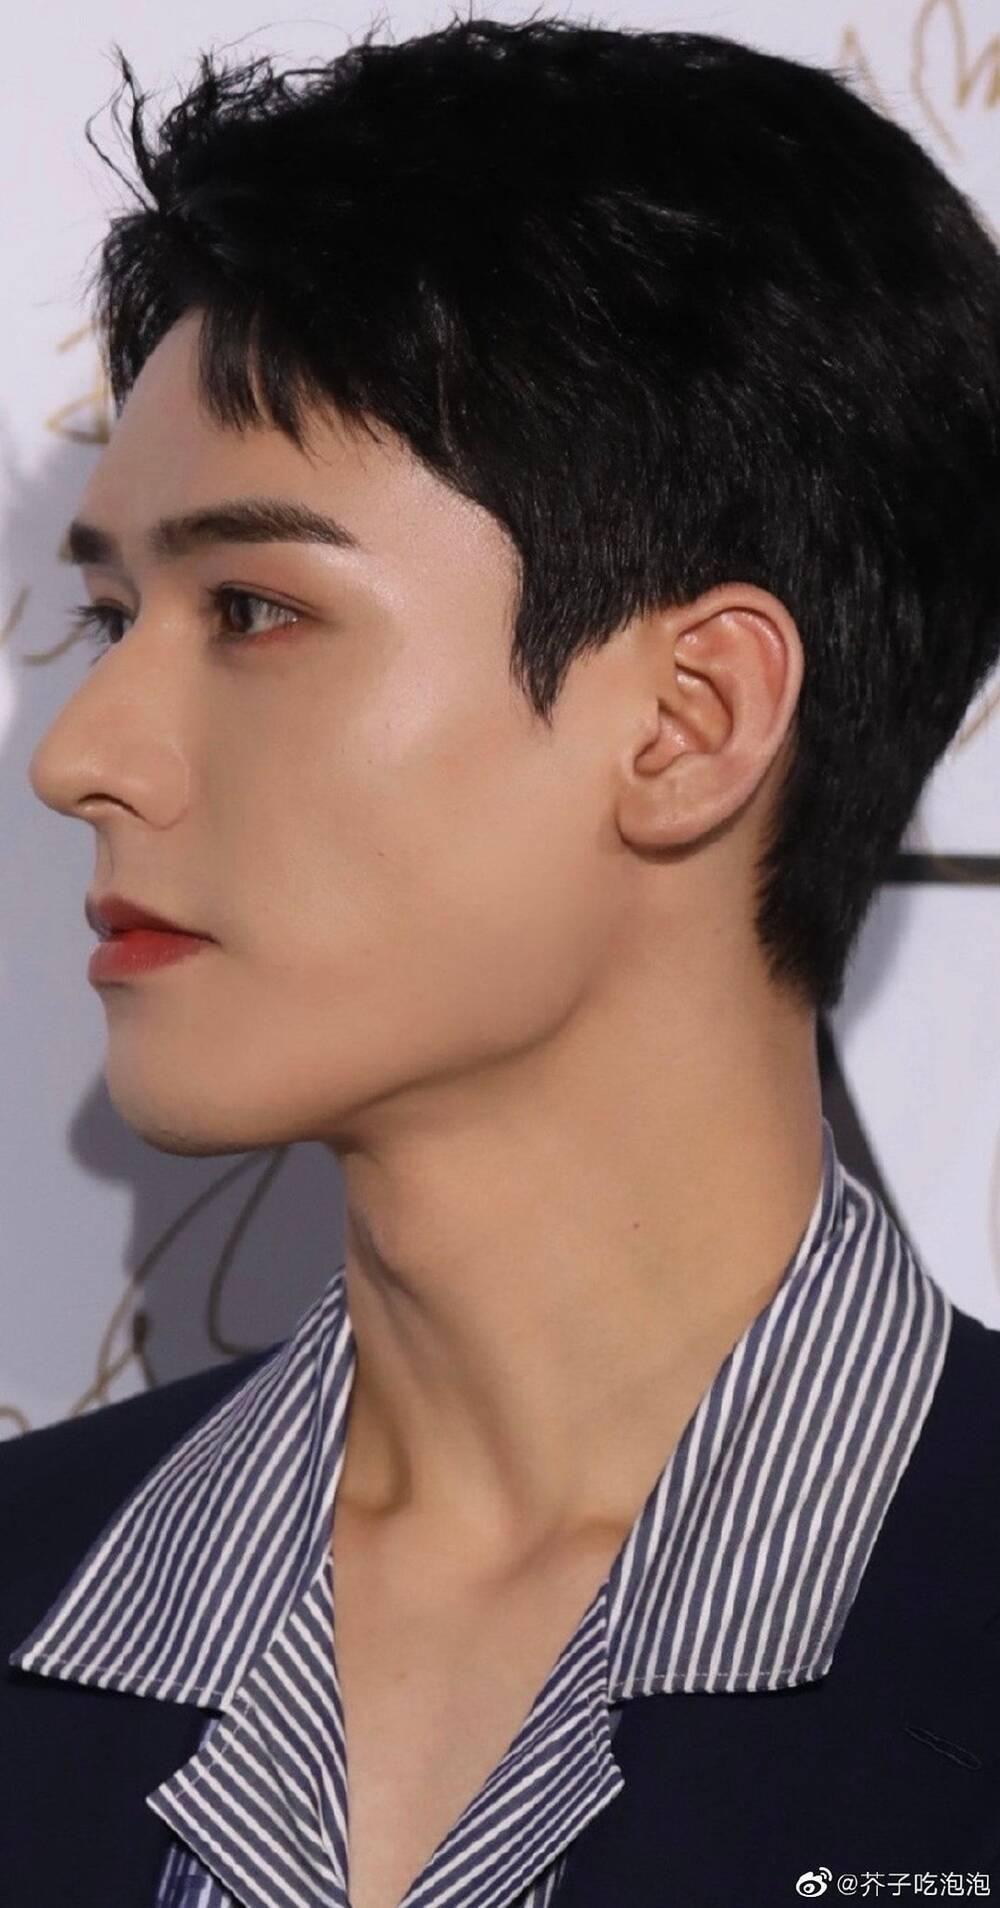 Bị dân tình chê bai vì lan da mất điểm, Cung Tuấn lấy lại phong độ khi đẹp trai ngời ngợi tại sự kiện Ảnh 8